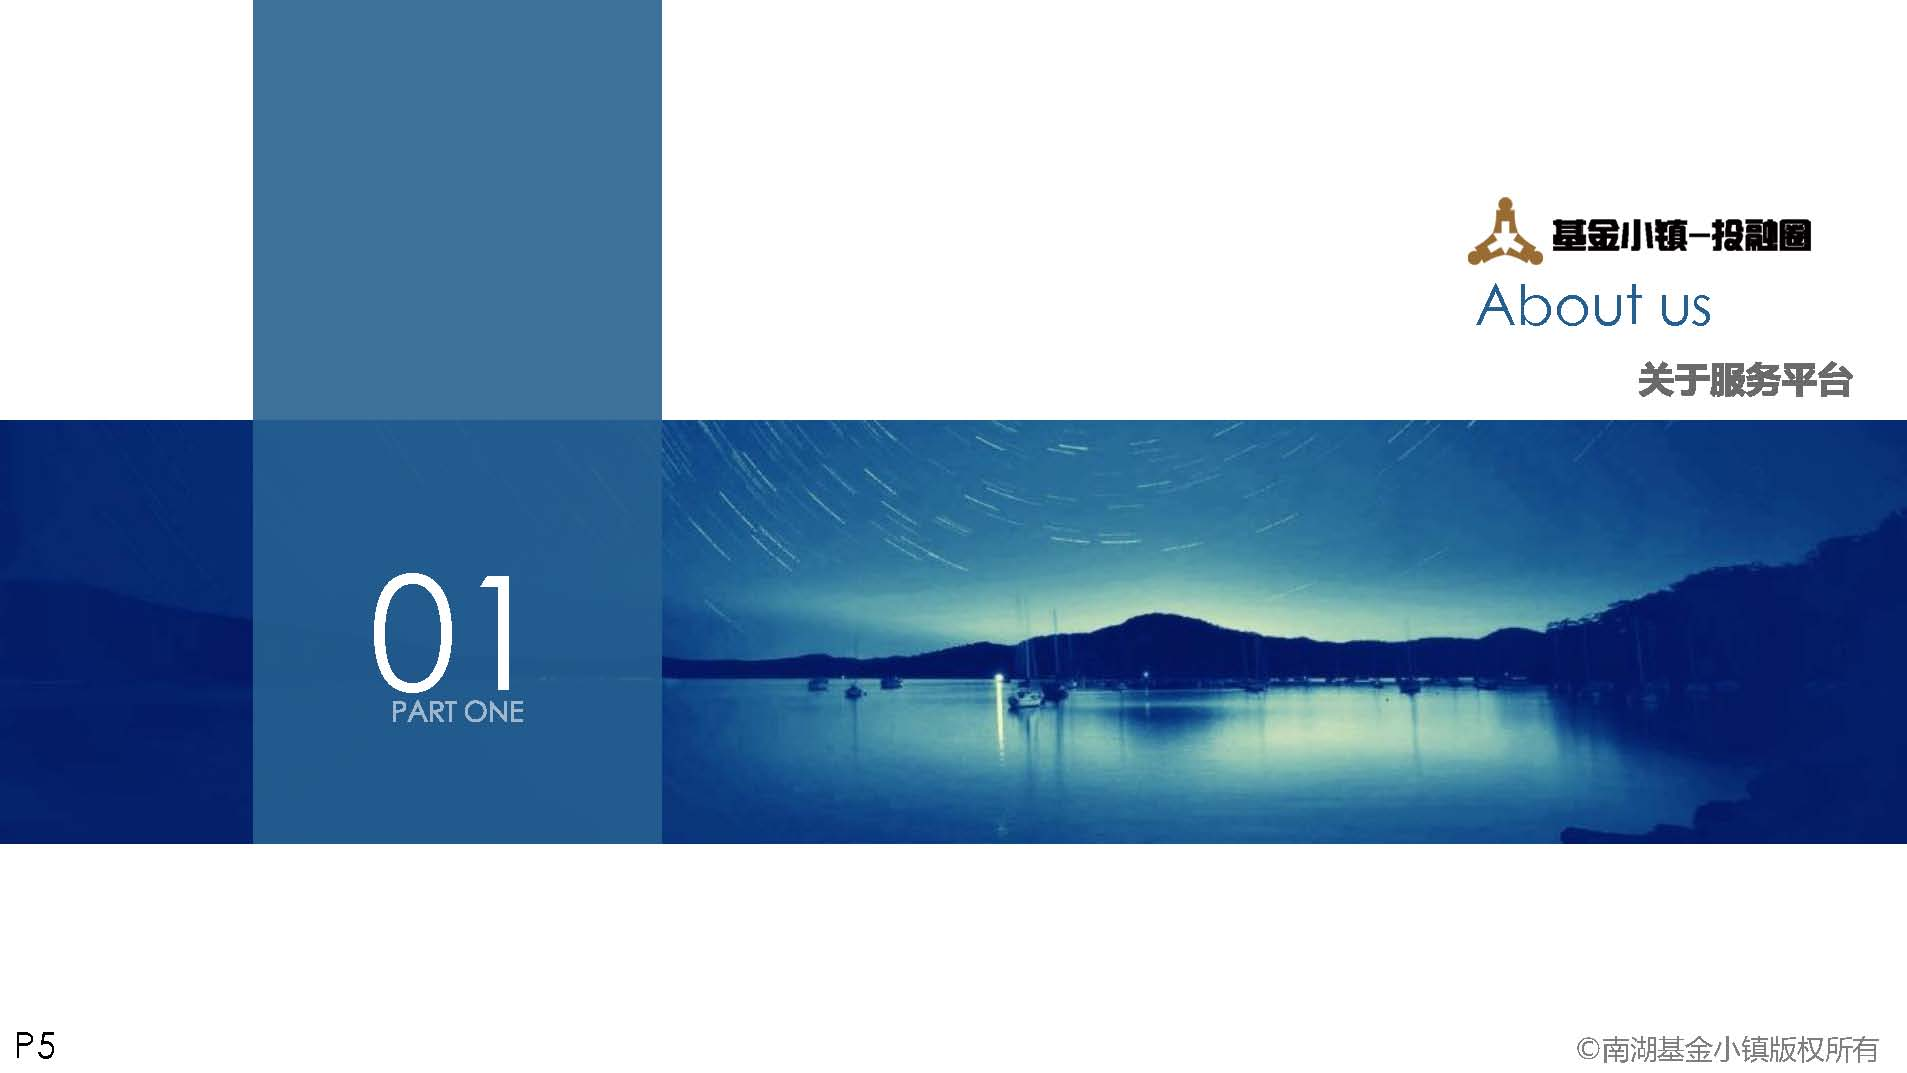 南湖基金小镇投融圈-内部转让信息对接服务平台介绍(6月26日修改稿)_页面_05.jpg